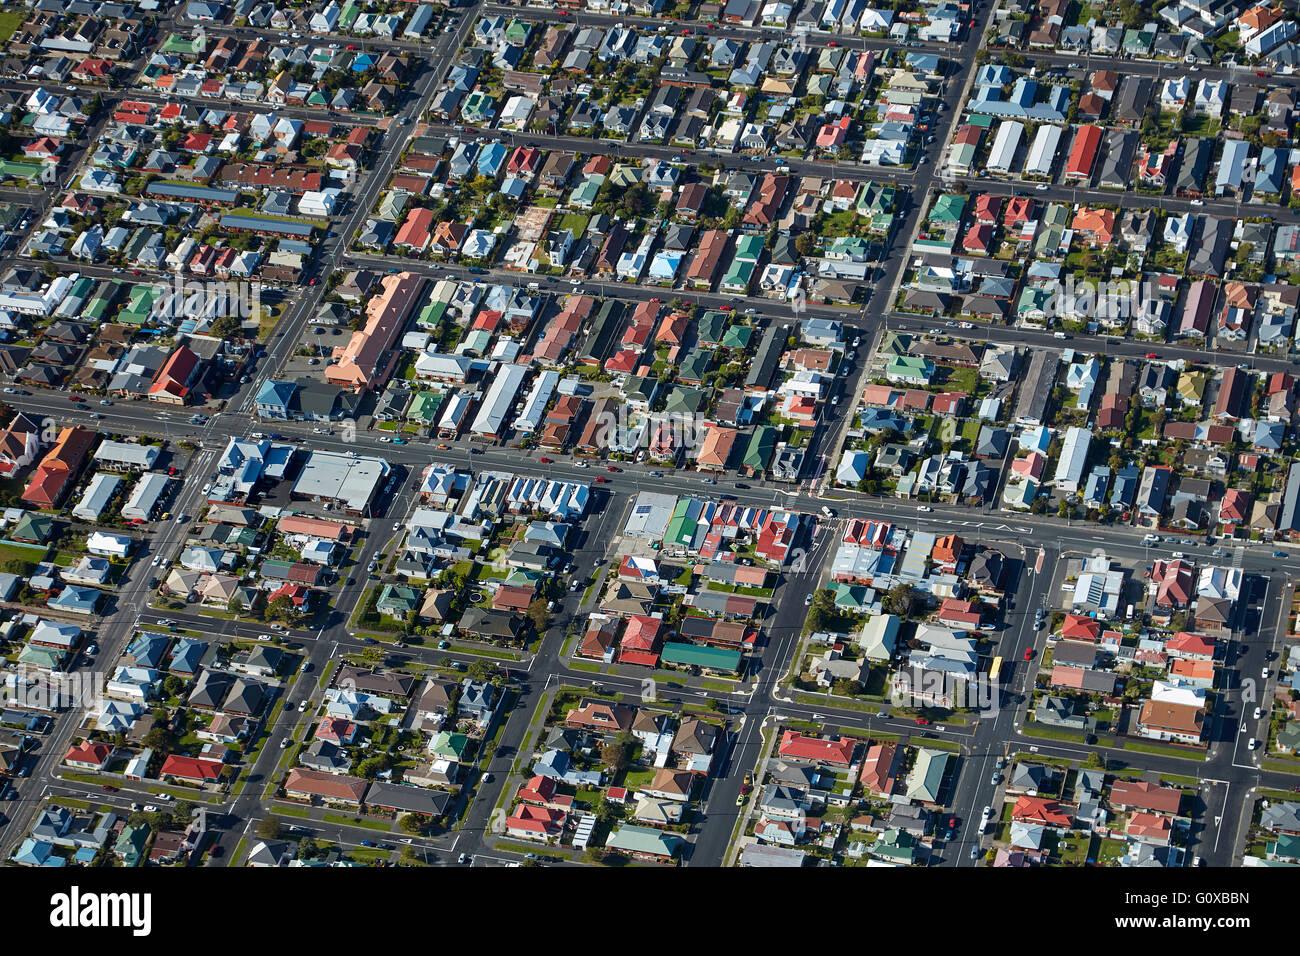 Prince Albert Road, St Kilda, Dunedin, Otago, île du Sud, Nouvelle-Zélande - vue aérienne Banque D'Images